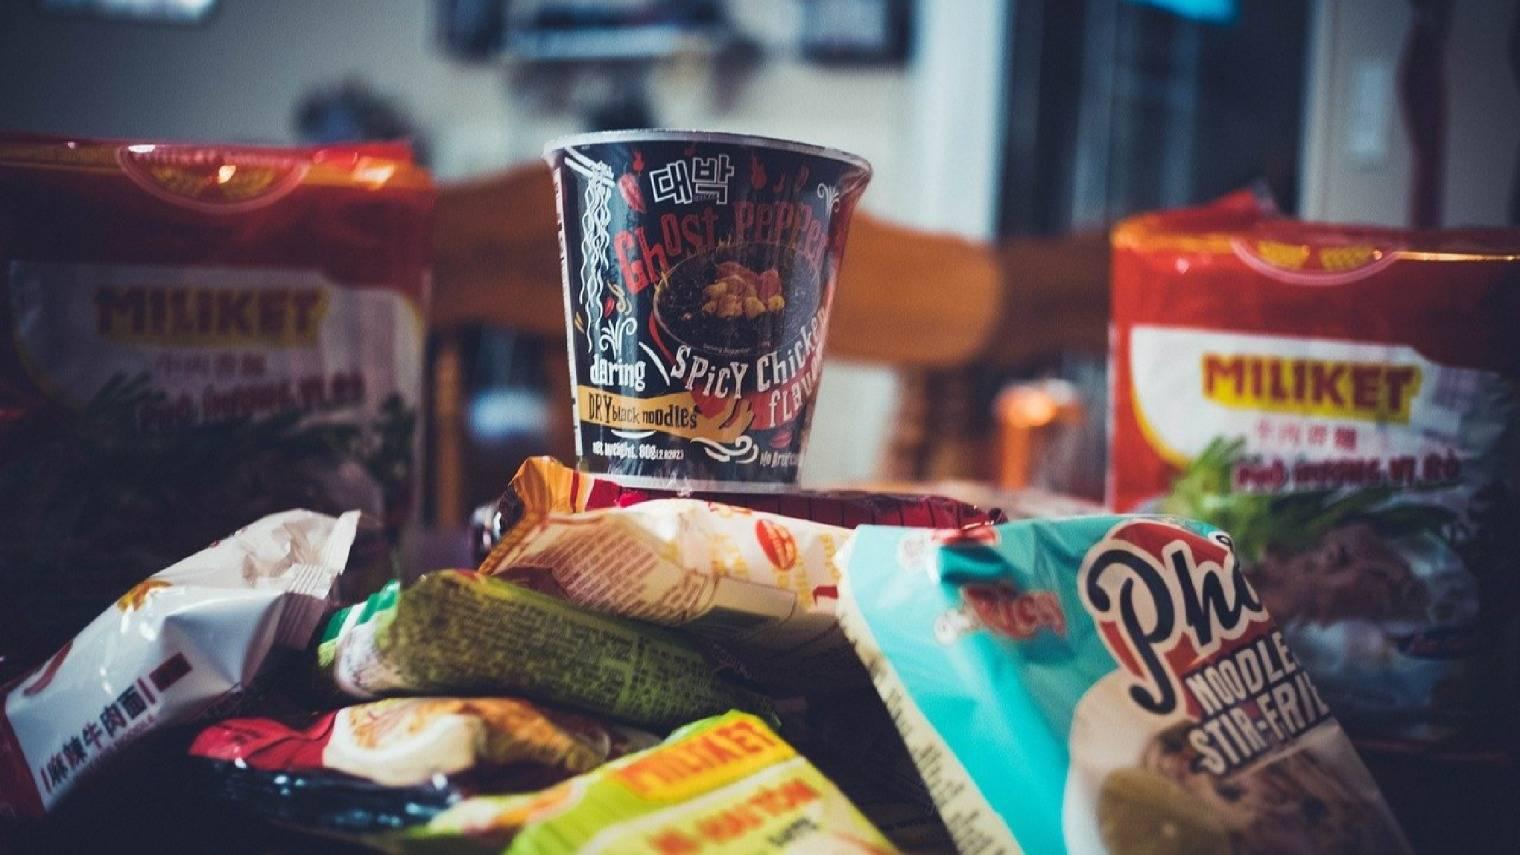 方便面打不过外卖?速食食品正靠高端面、螺蛳粉夺回市场